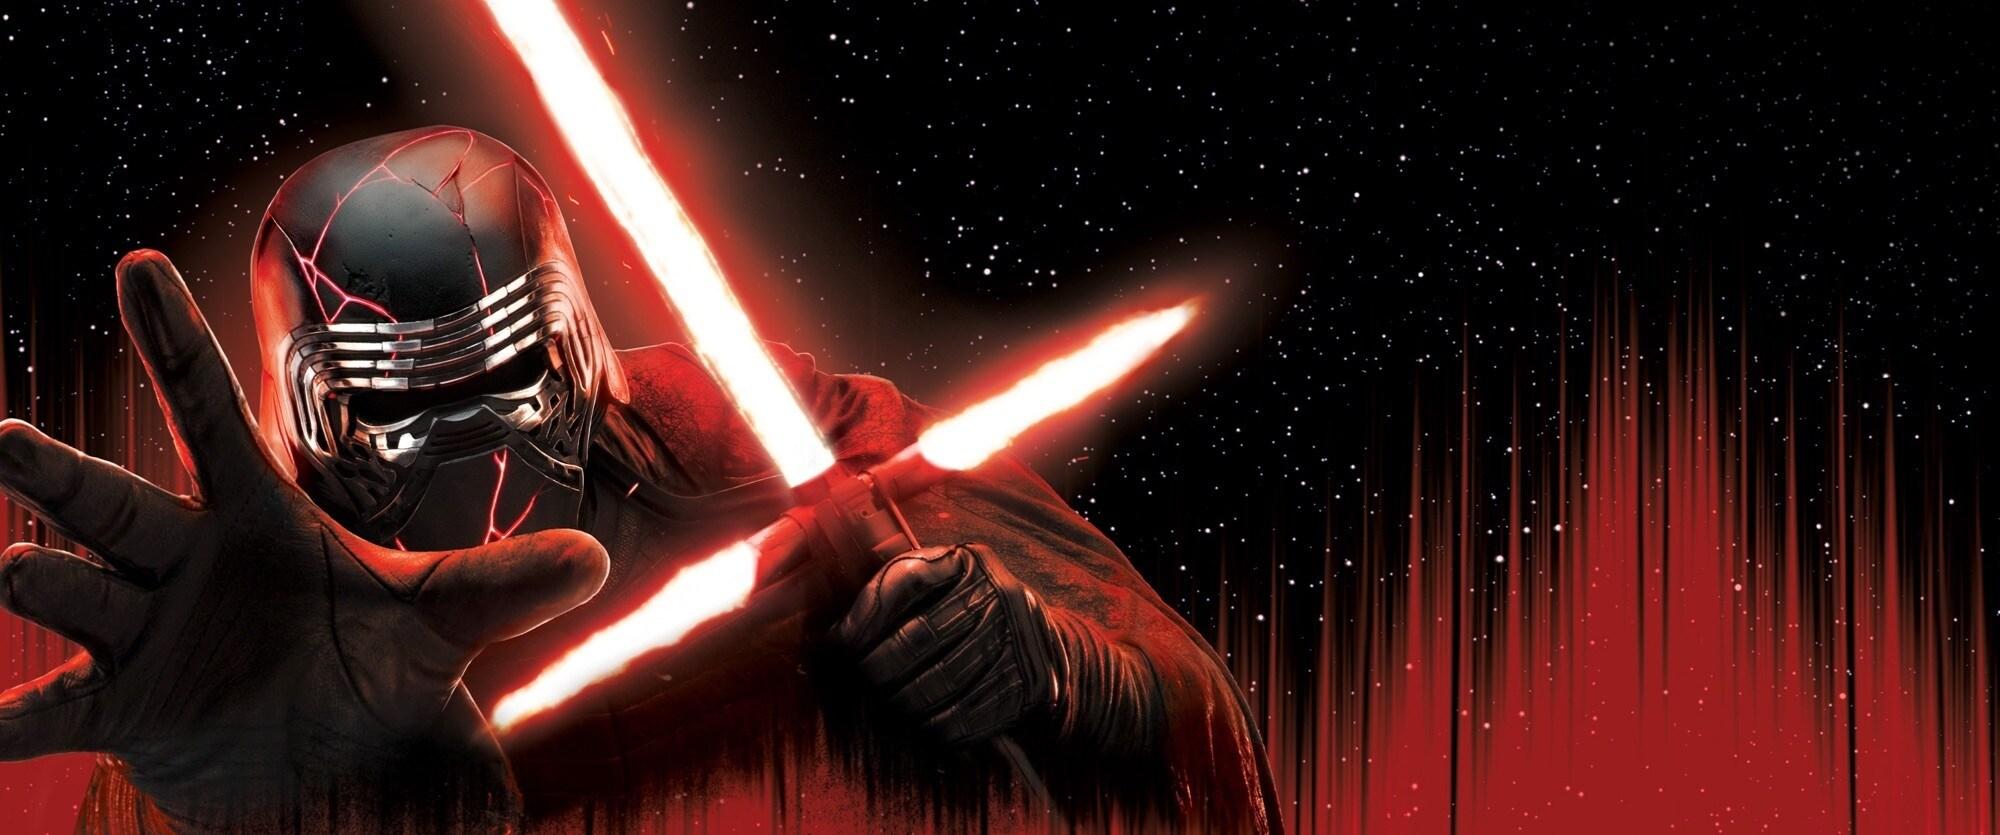 Concorso - Star Wars ai confini della galassia